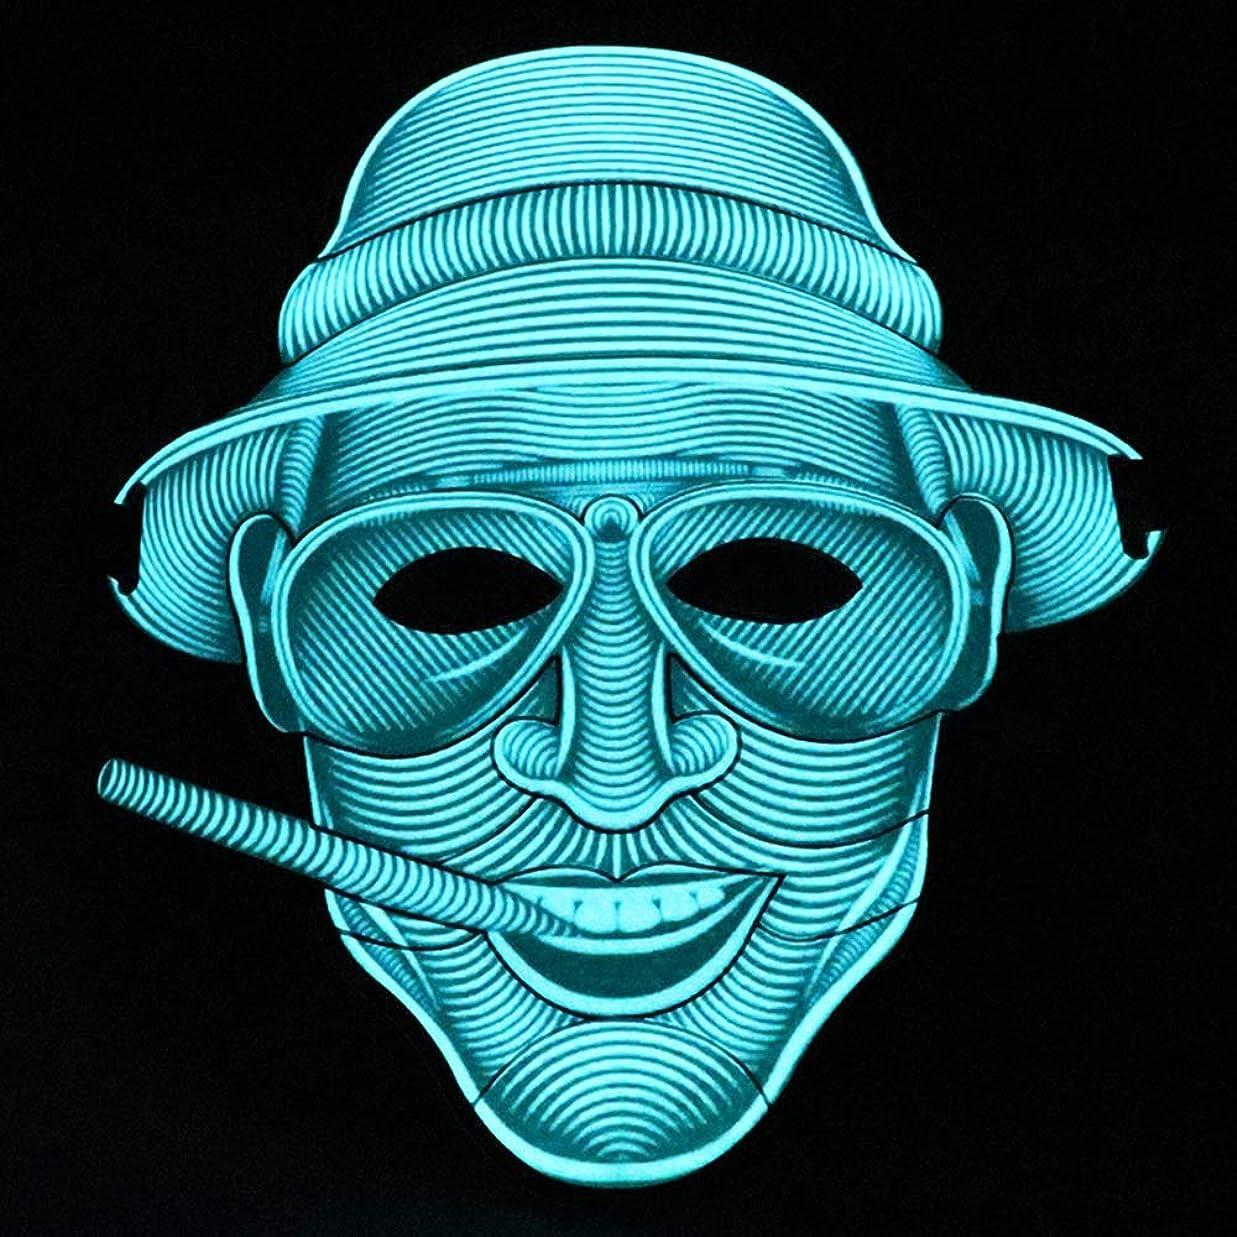 ディプロマ今彼らのもの照らされたマスクLED創造的な冷光音響制御マスクハロウィンバーフェスティバルダンスマスク (Color : #17)